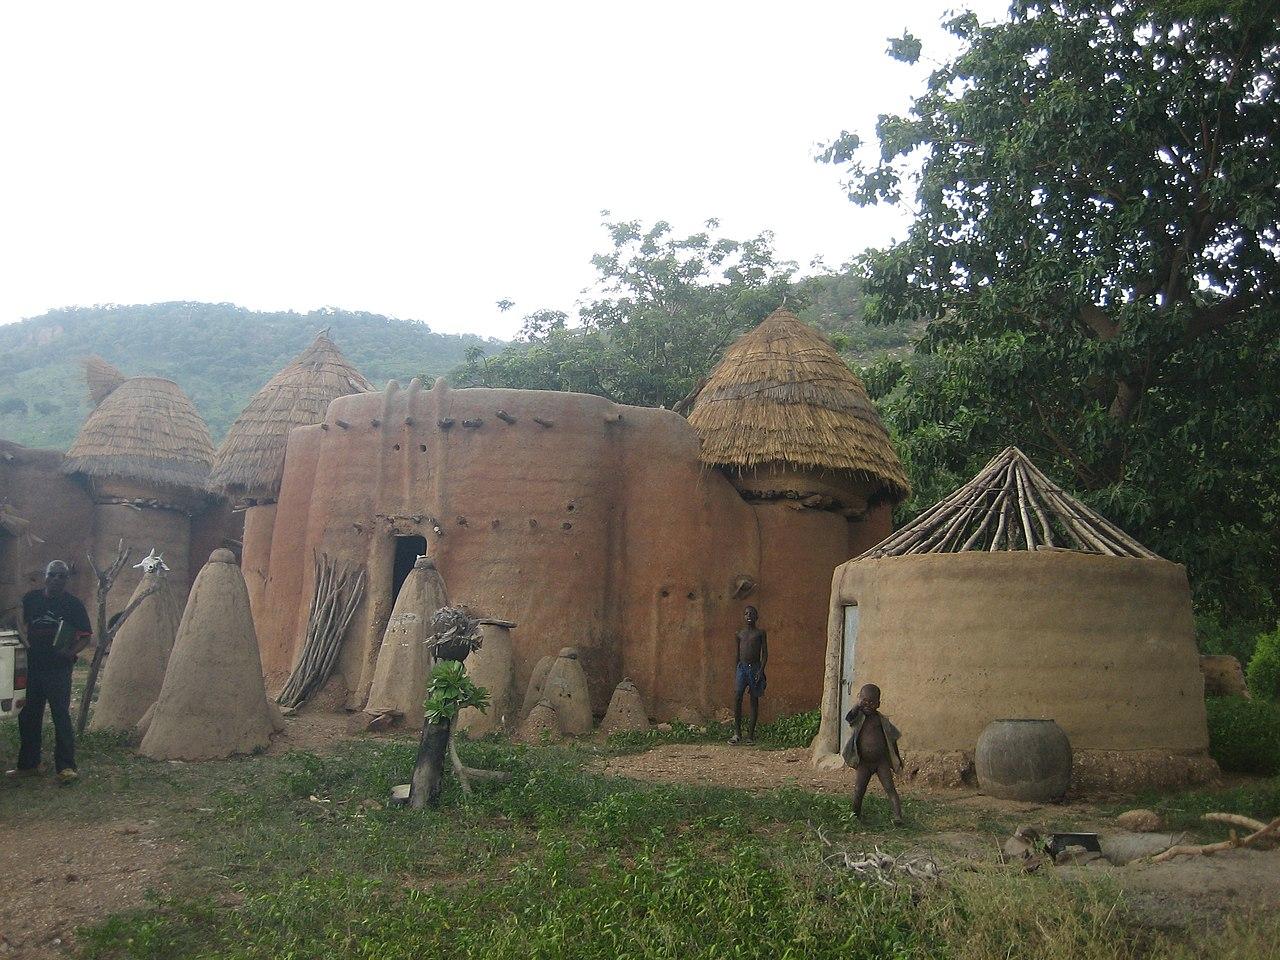 Rumah-rumah tradisional Taberma